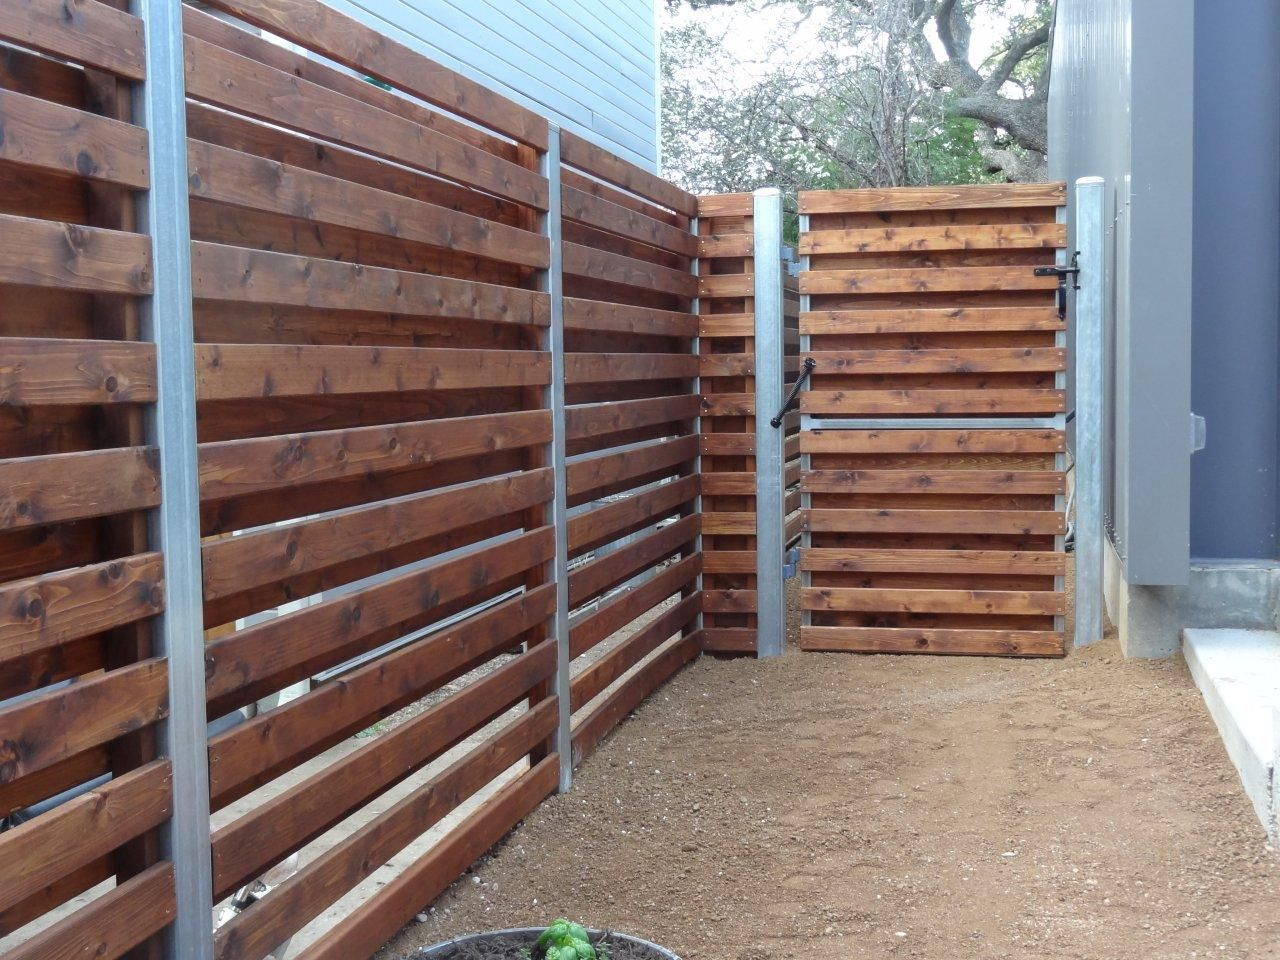 Wood Fences Gallery Viking Fence Custom Horizontal Shadowbox Gate Area Wood Fence Fence Design Shadow Box Fence